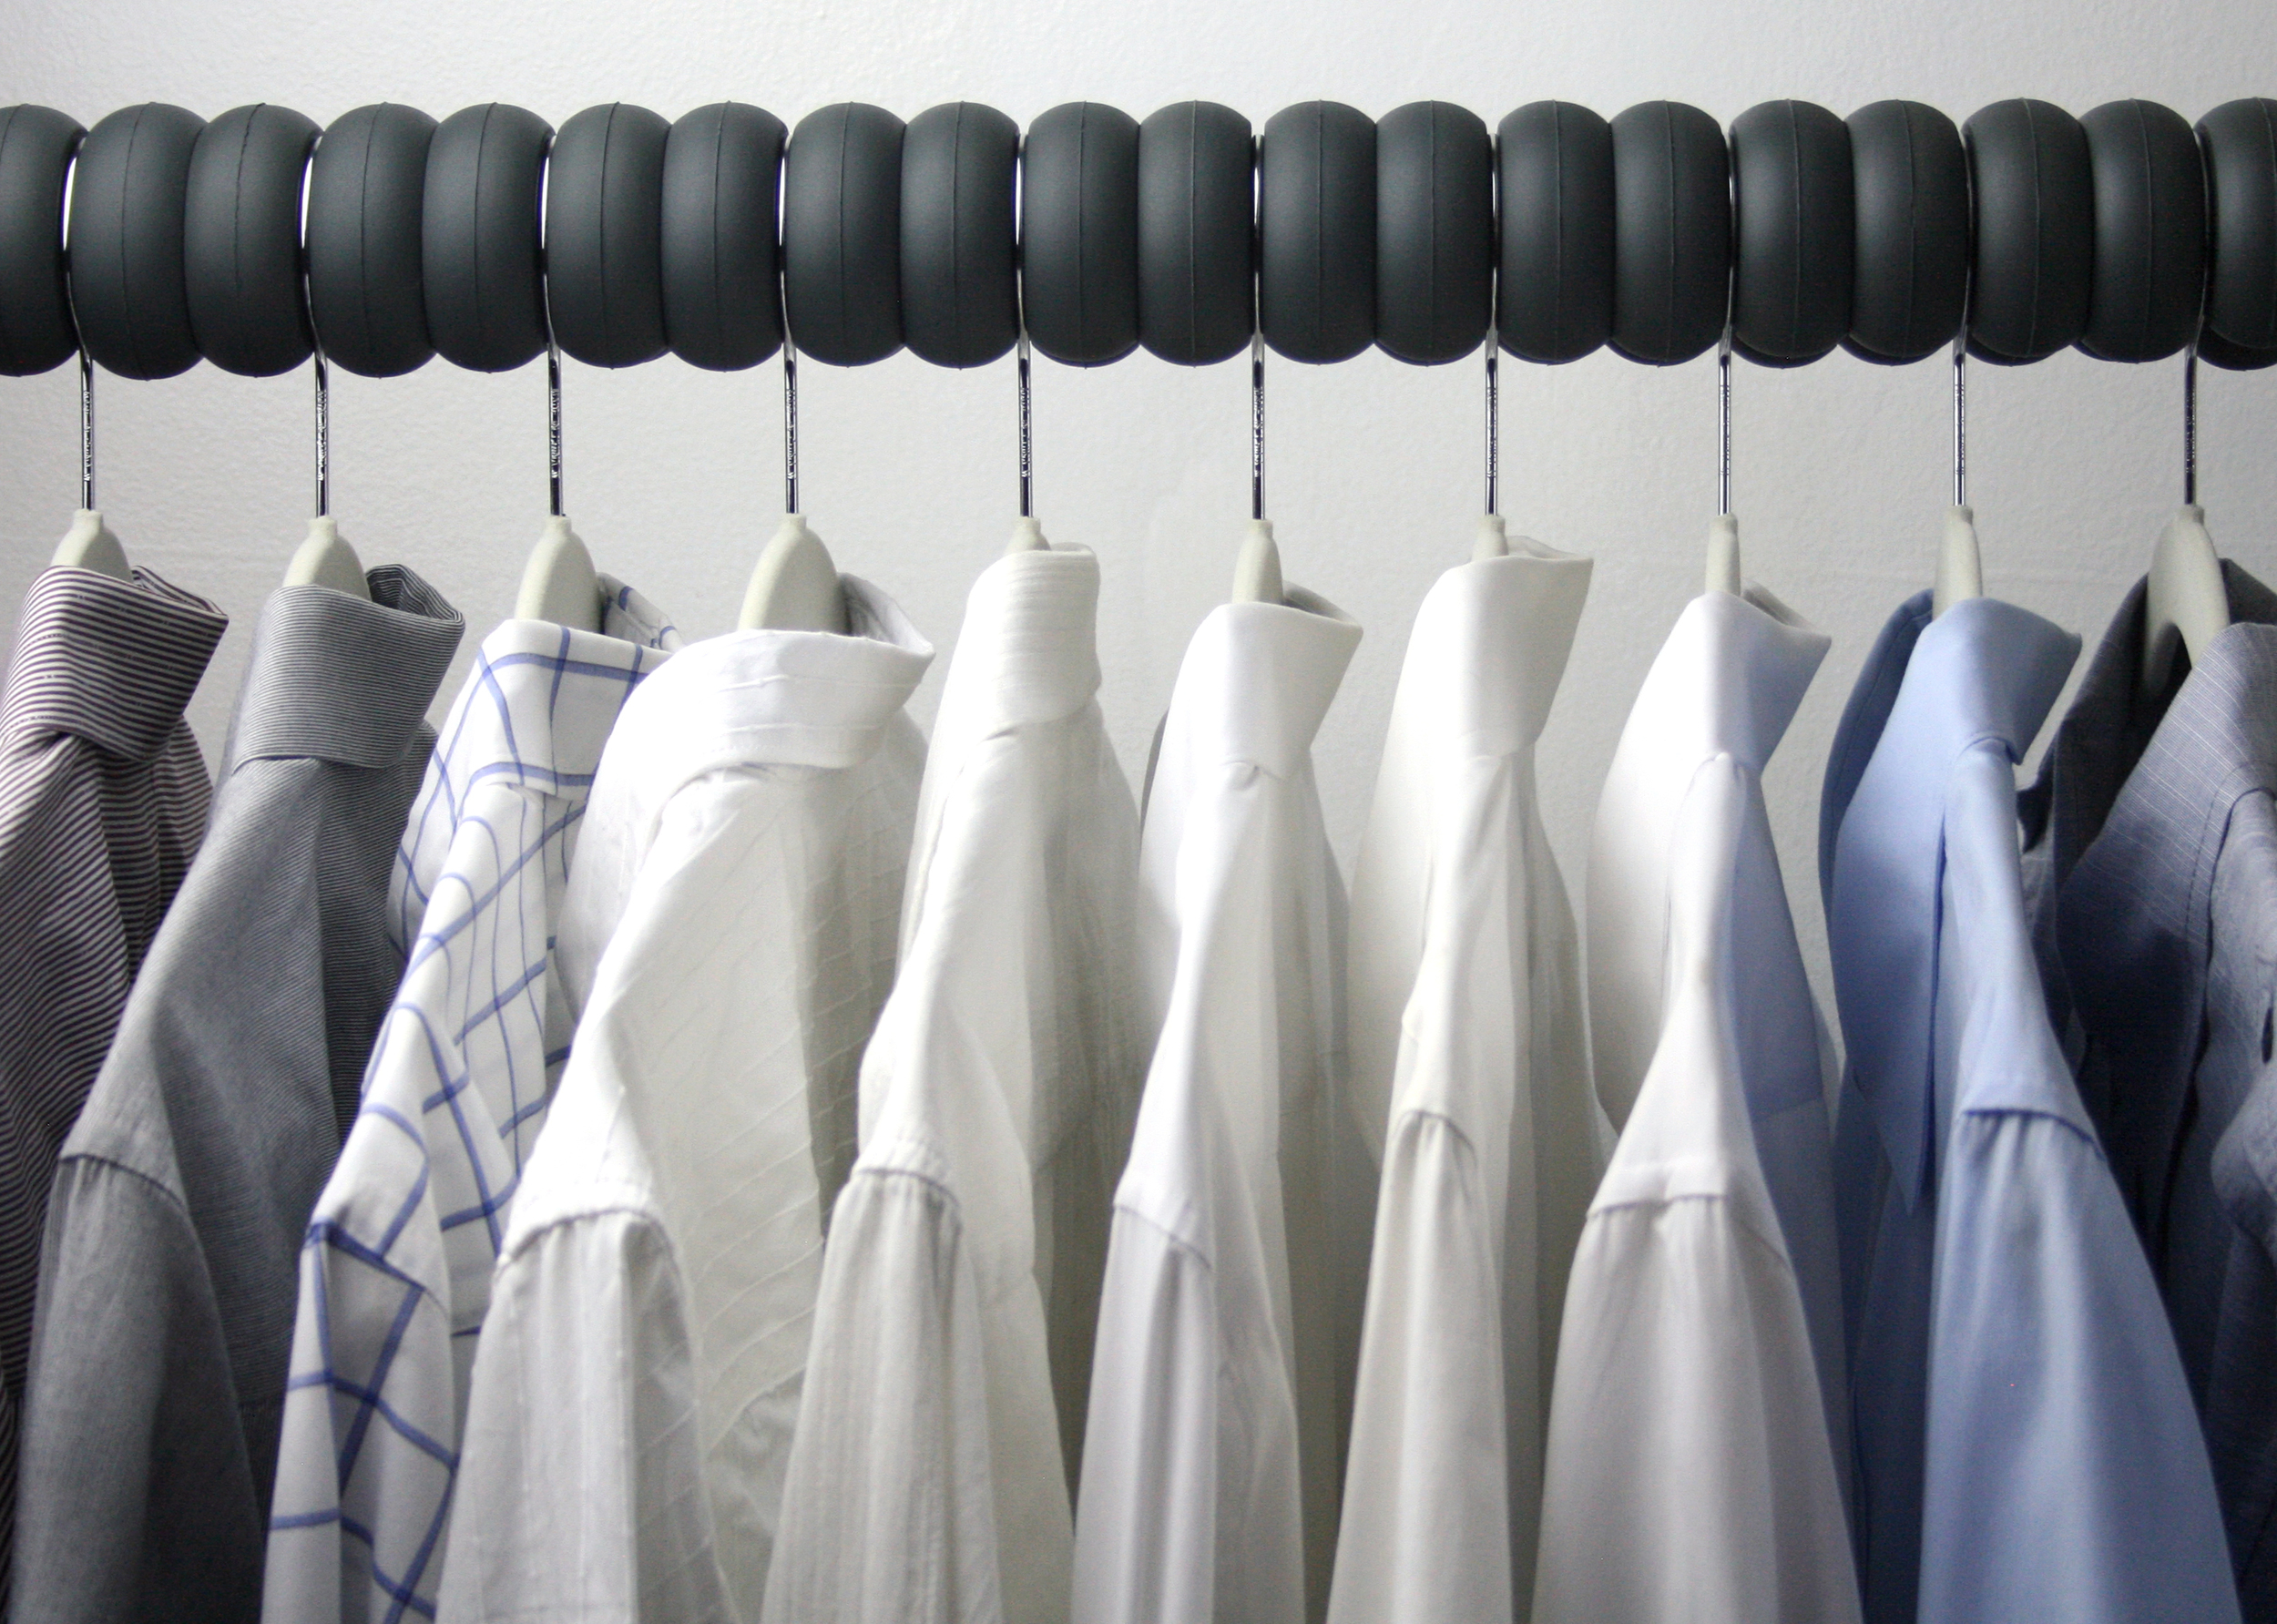 Xangar Men's Clothing